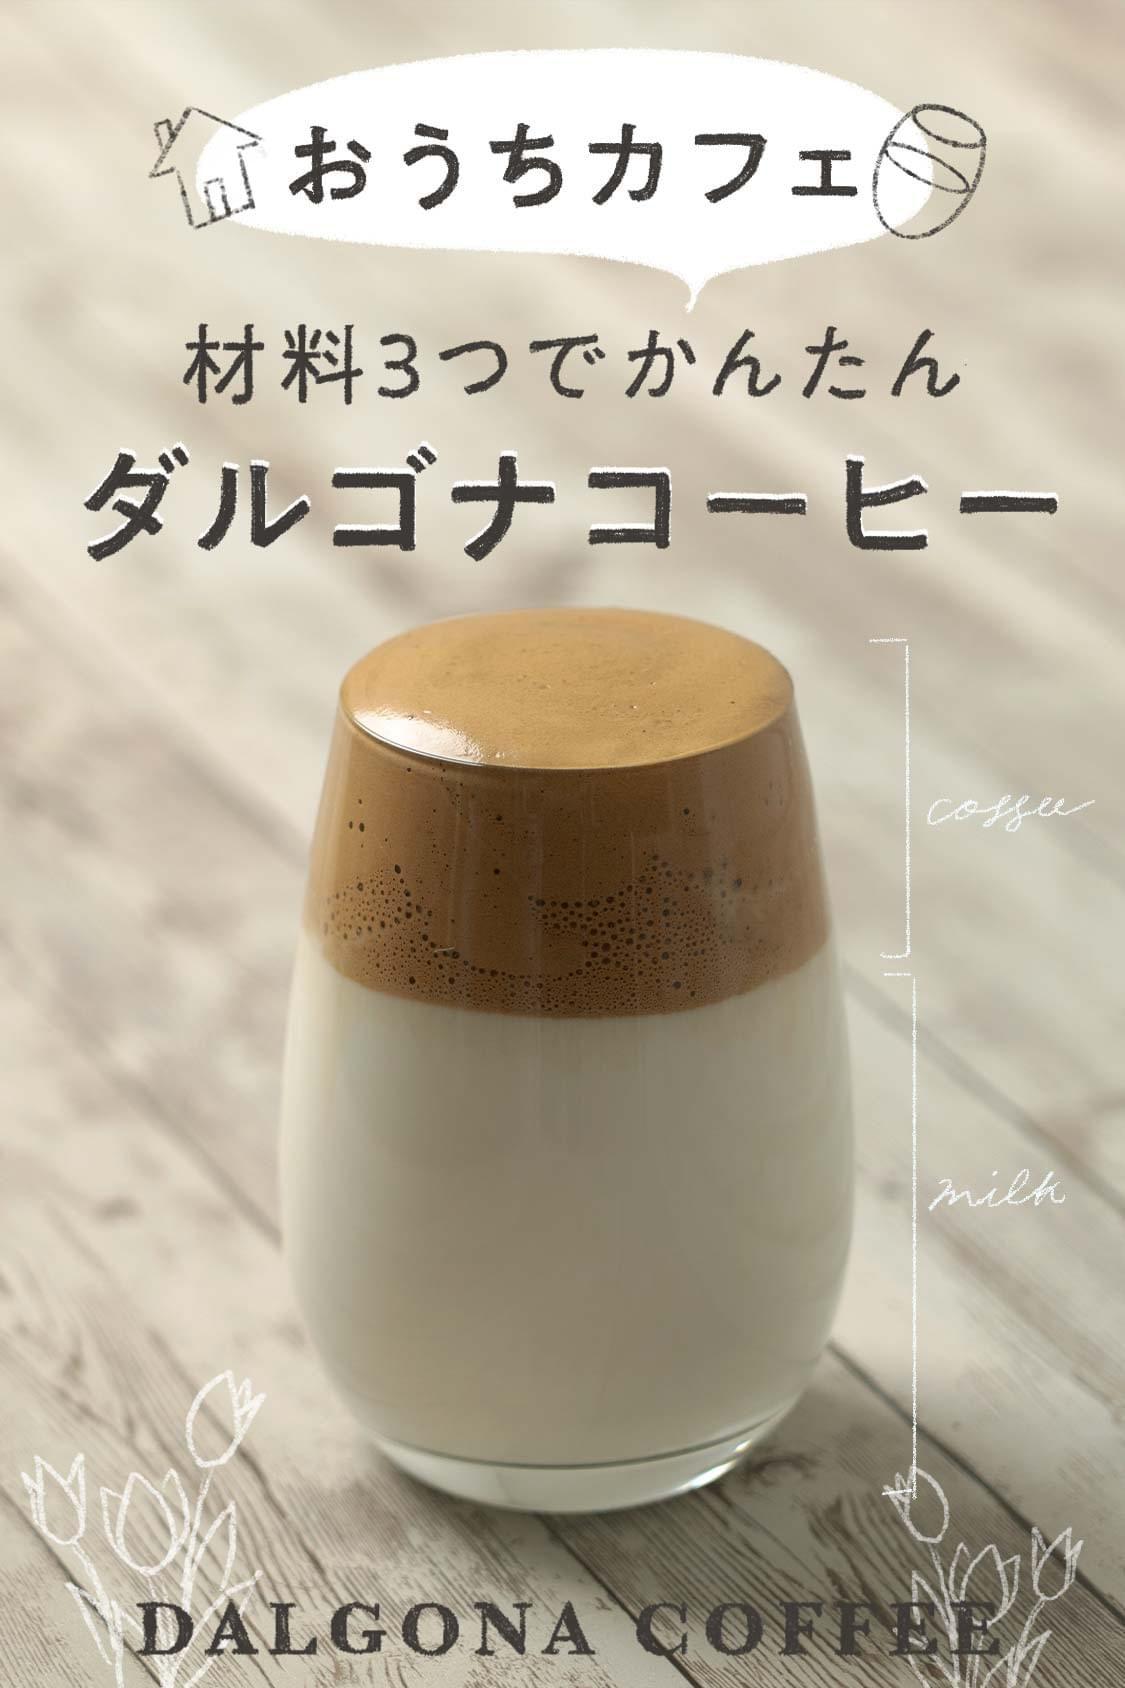 おうちカフェ 材料3つでかんたんダルゴナコーヒー 2020 ドリンクレシピ 楽しいデザート 簡単お菓子レシピ